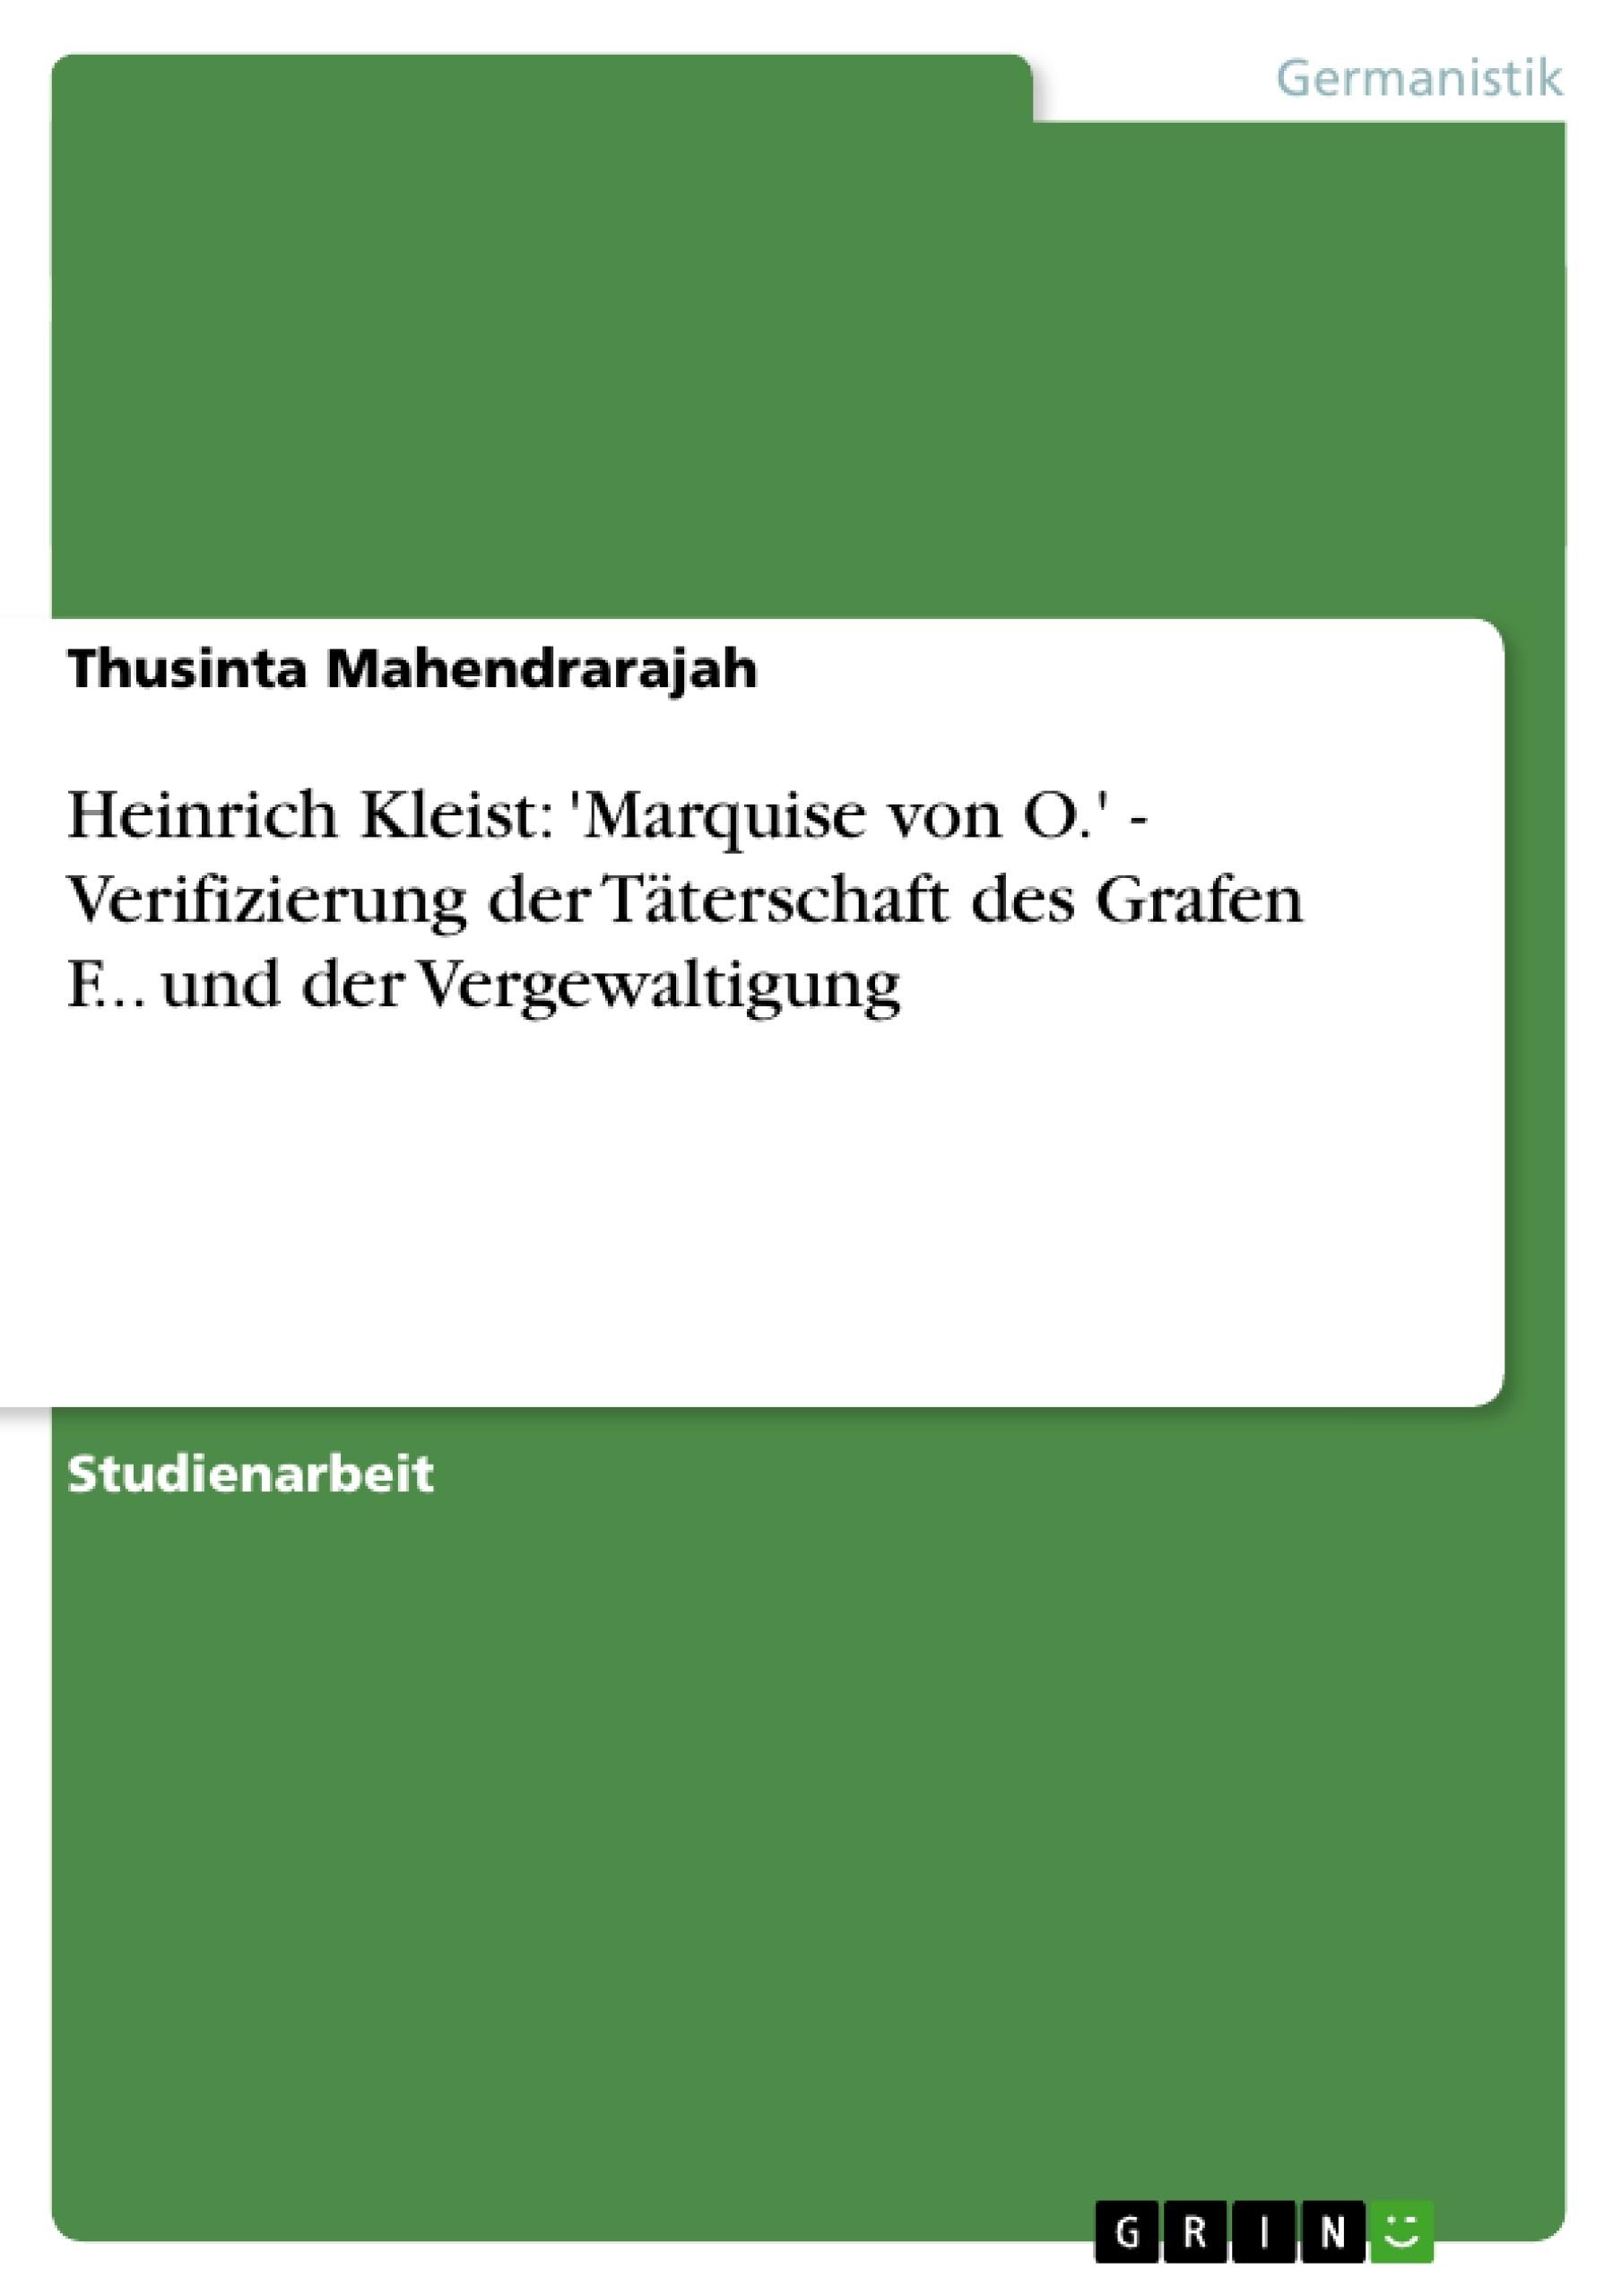 Titel: Heinrich Kleist: 'Marquise von O.' - Verifizierung der Täterschaft des Grafen F... und der Vergewaltigung